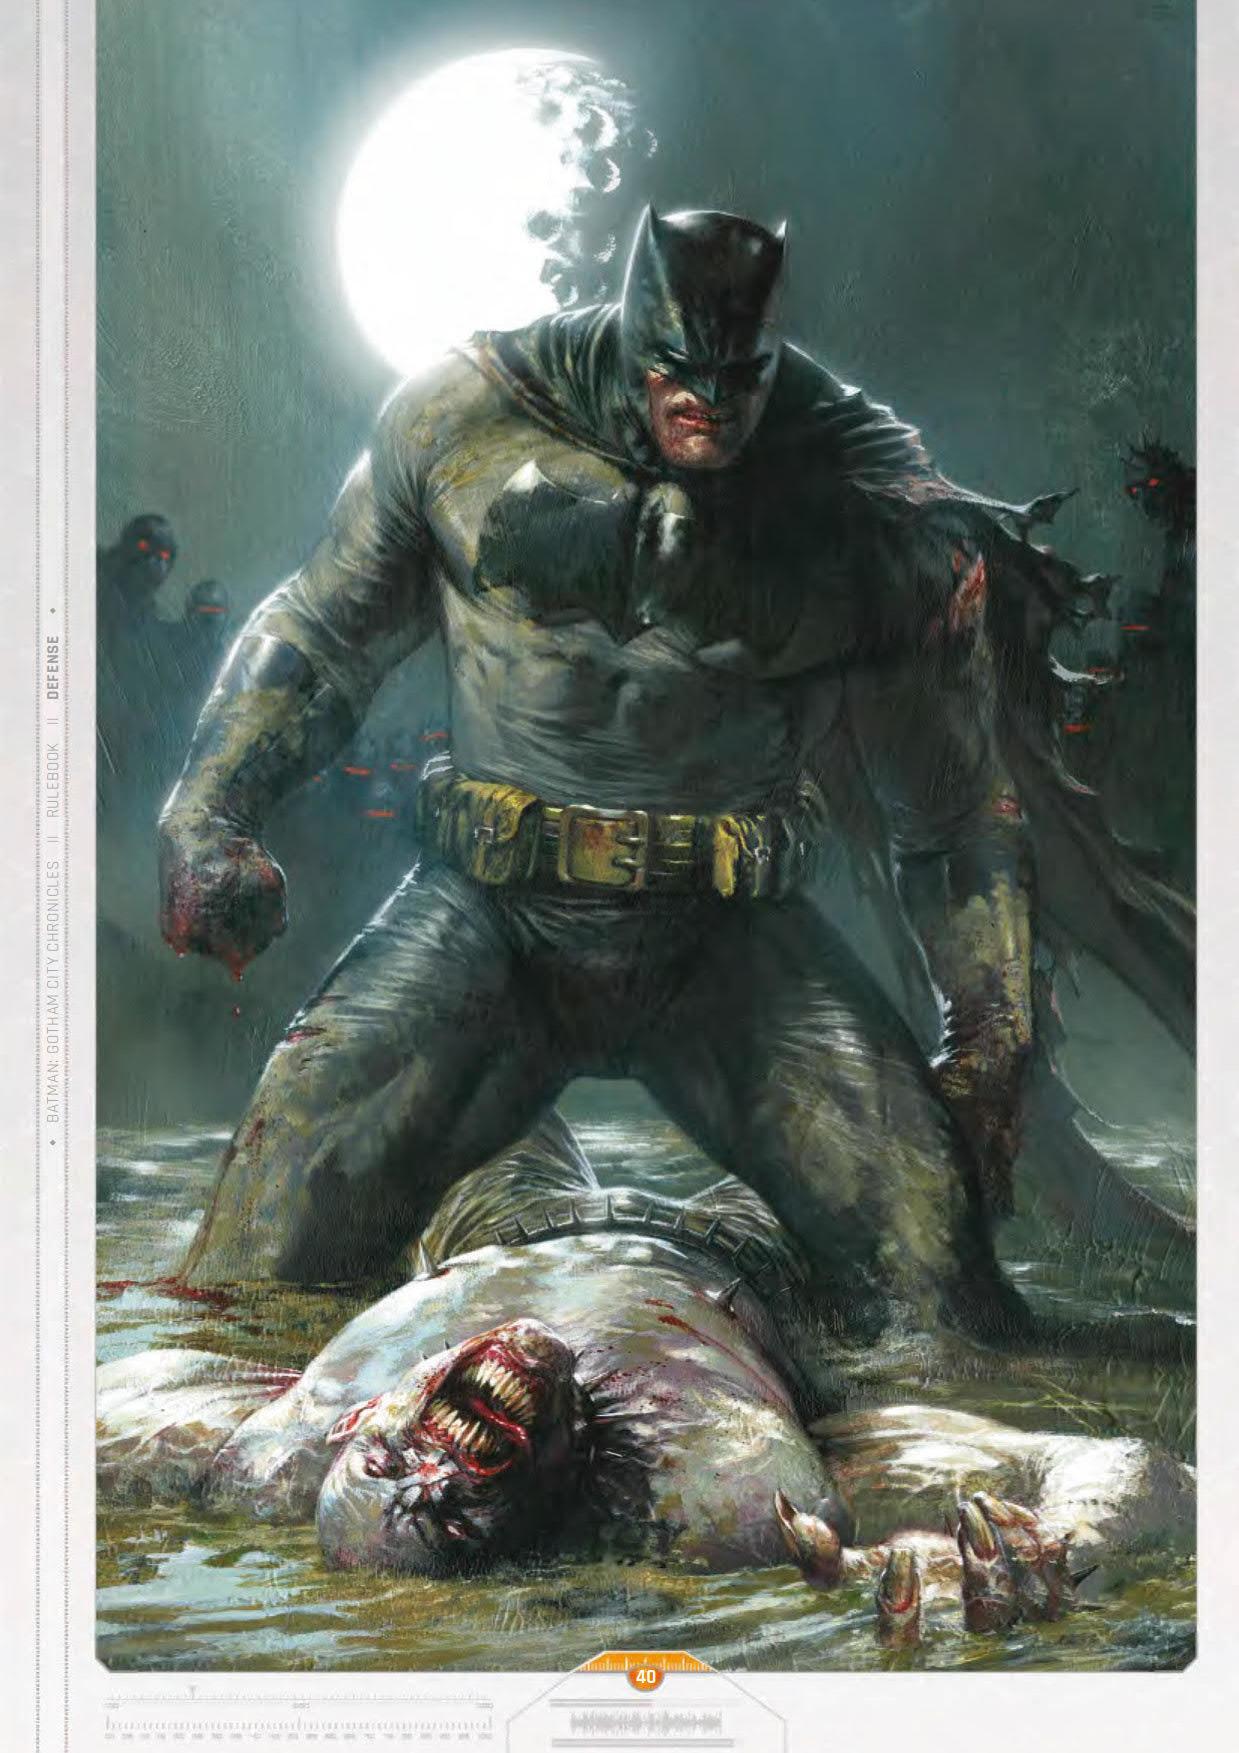 Batman: Gotham City Chronicles - Rulebook (Coreboxes) Slovak